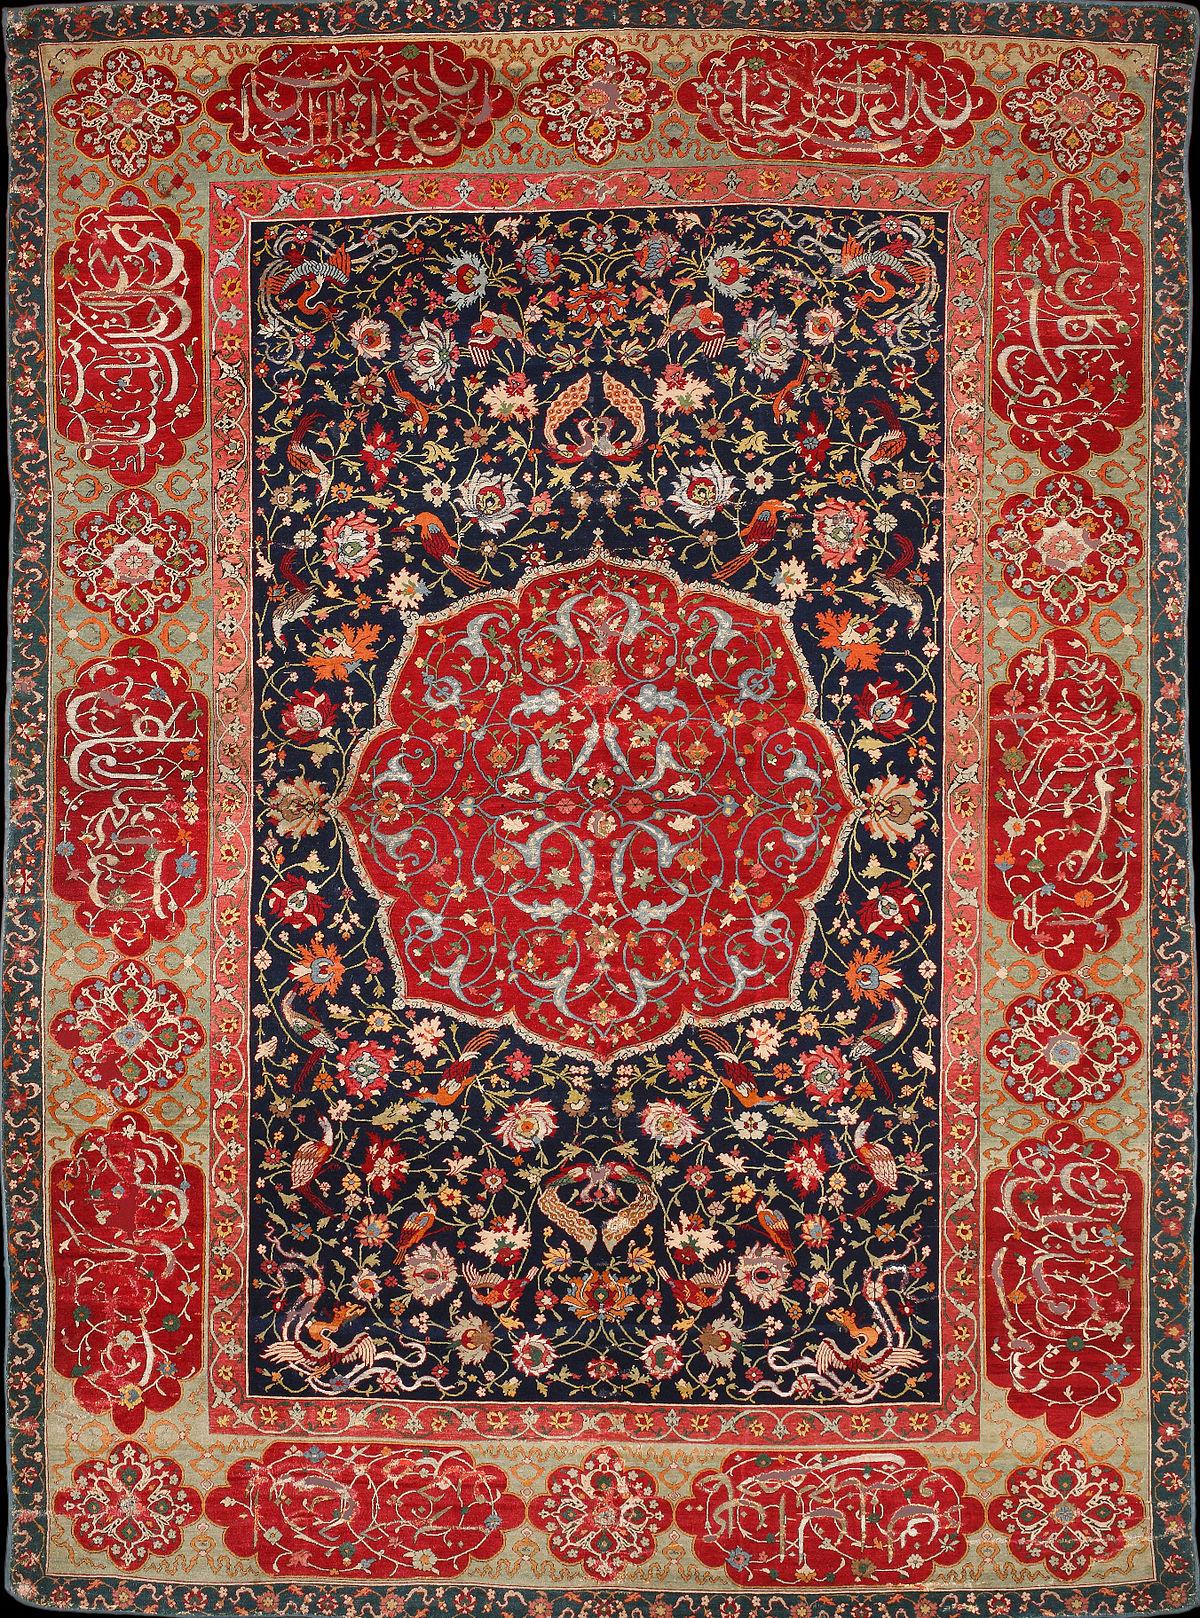 نقشه قدیمی گلیم فرش قالی ایرانی - ویکیپدیا، دانشنامهٔ آزاد